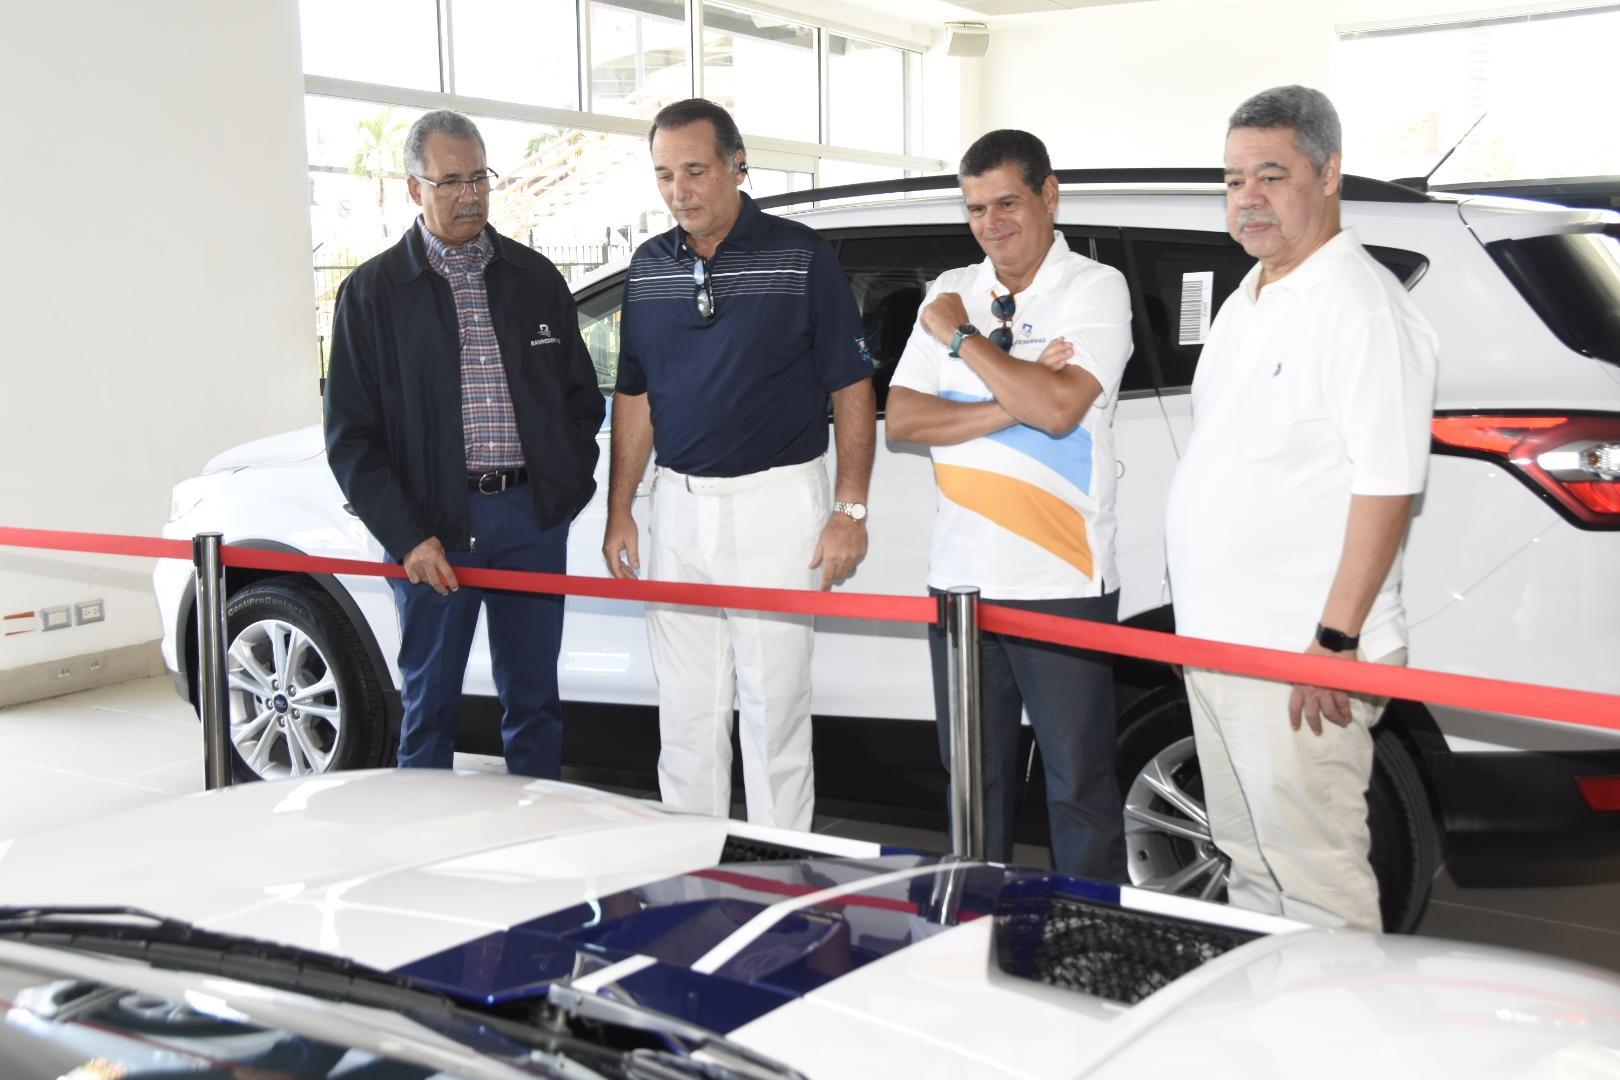 Financian 5,500 vehículos de uso personal y comercial